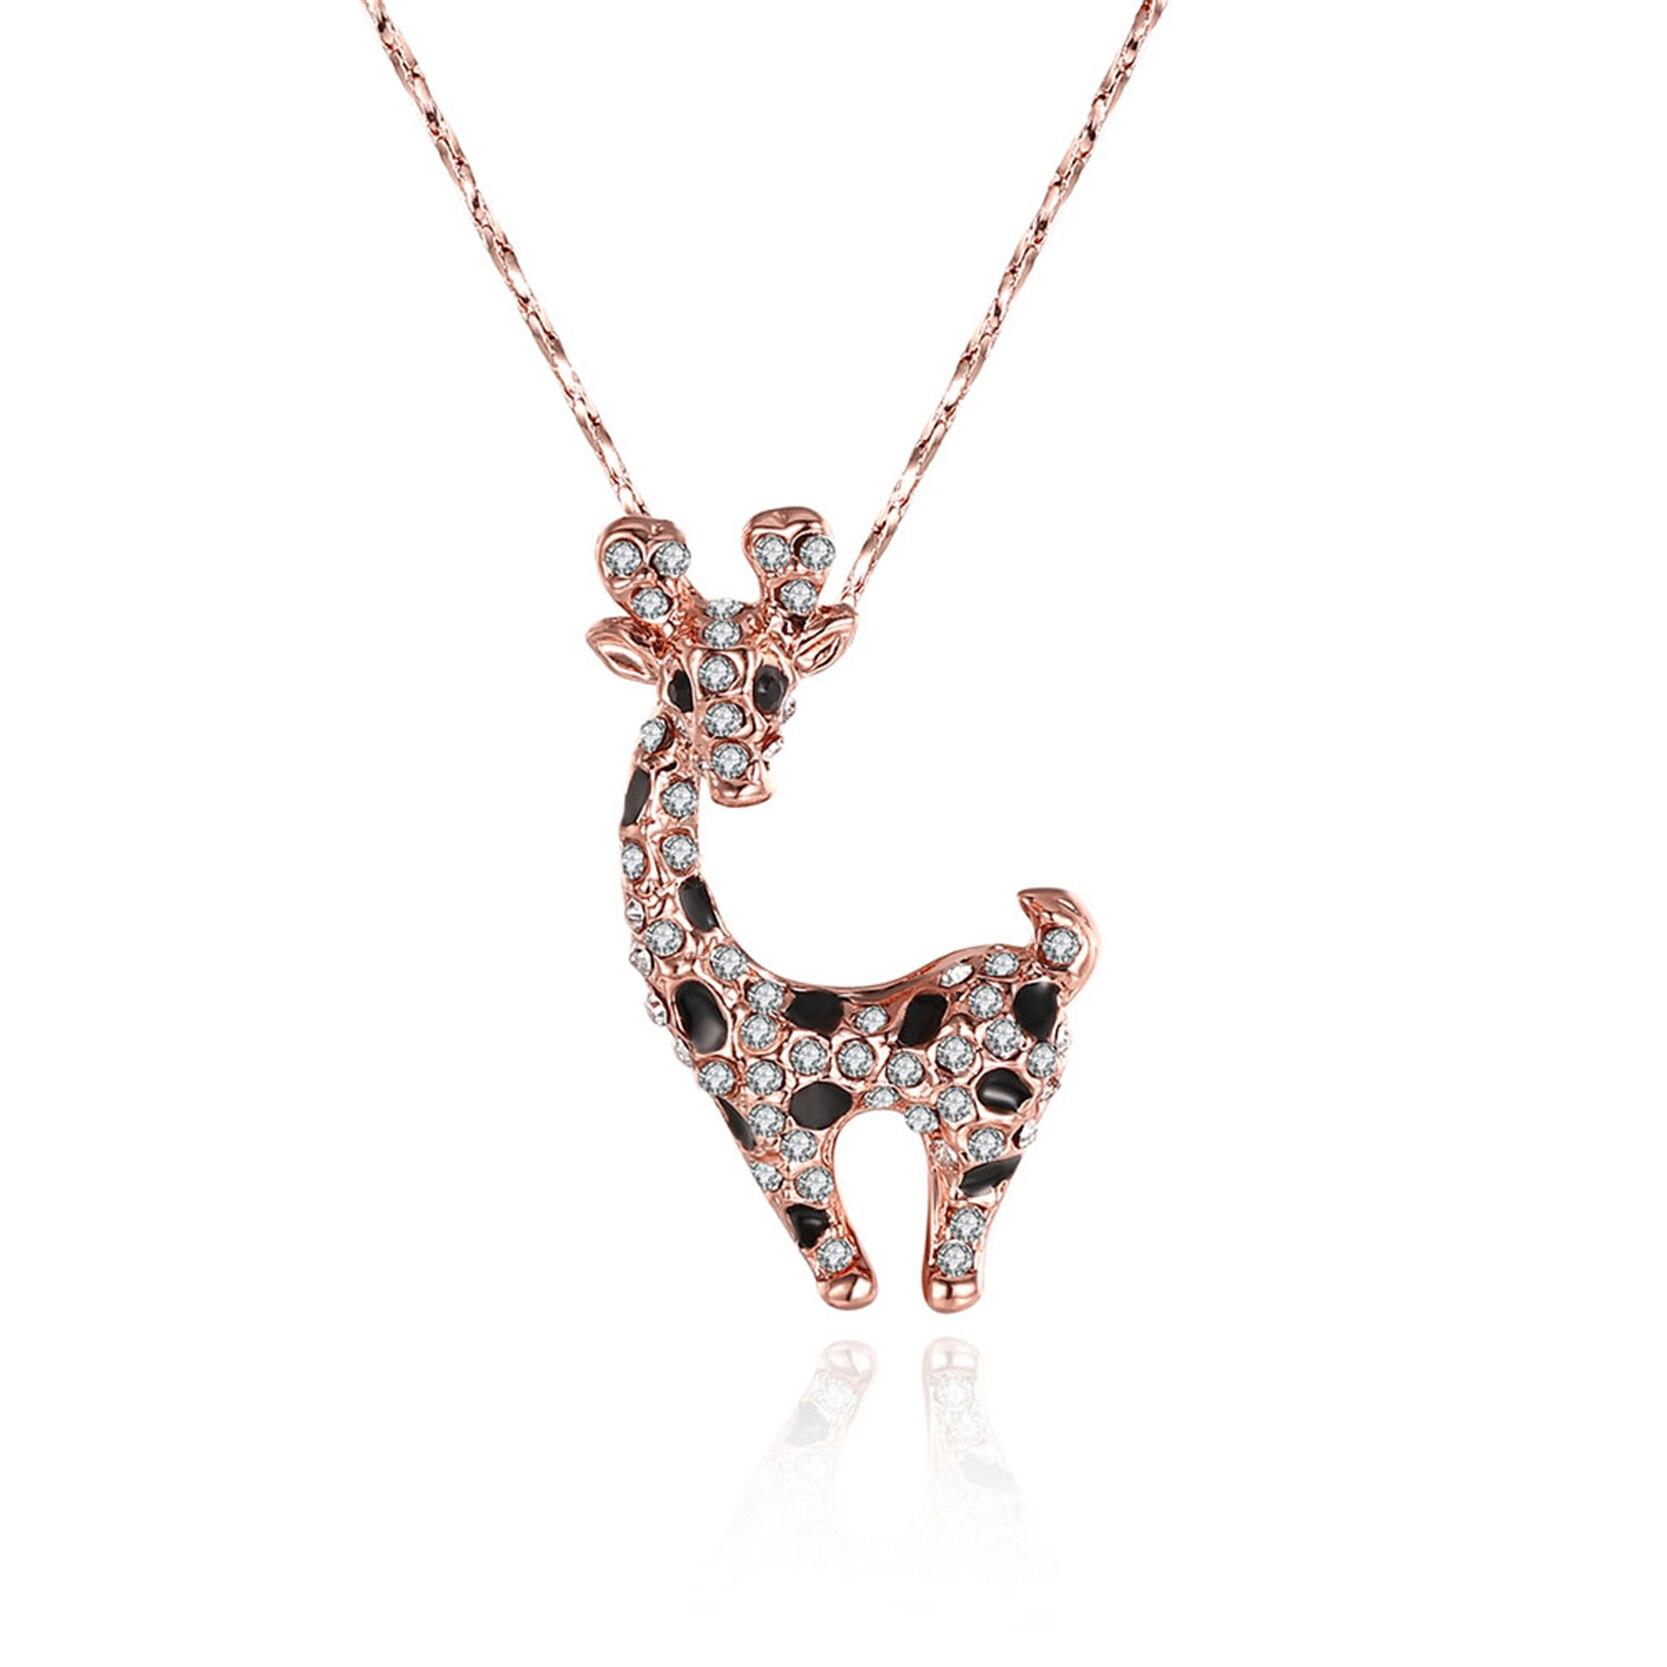 DROLE Crystal Rose Gold Color Cute Giraffe Pendant Choker ...